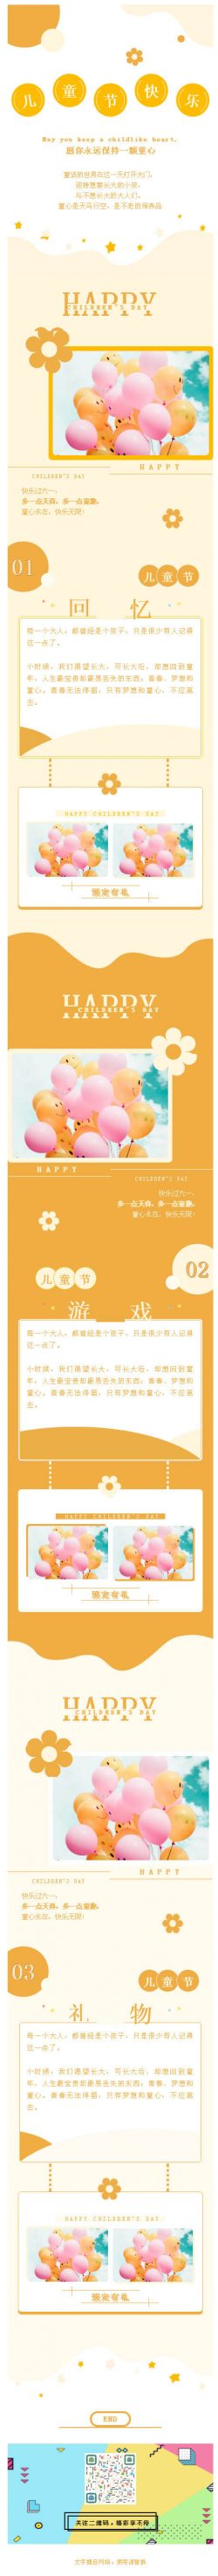 六一儿童节黄色动态星星花朵小图标公众号推送图文模板微信推文素材